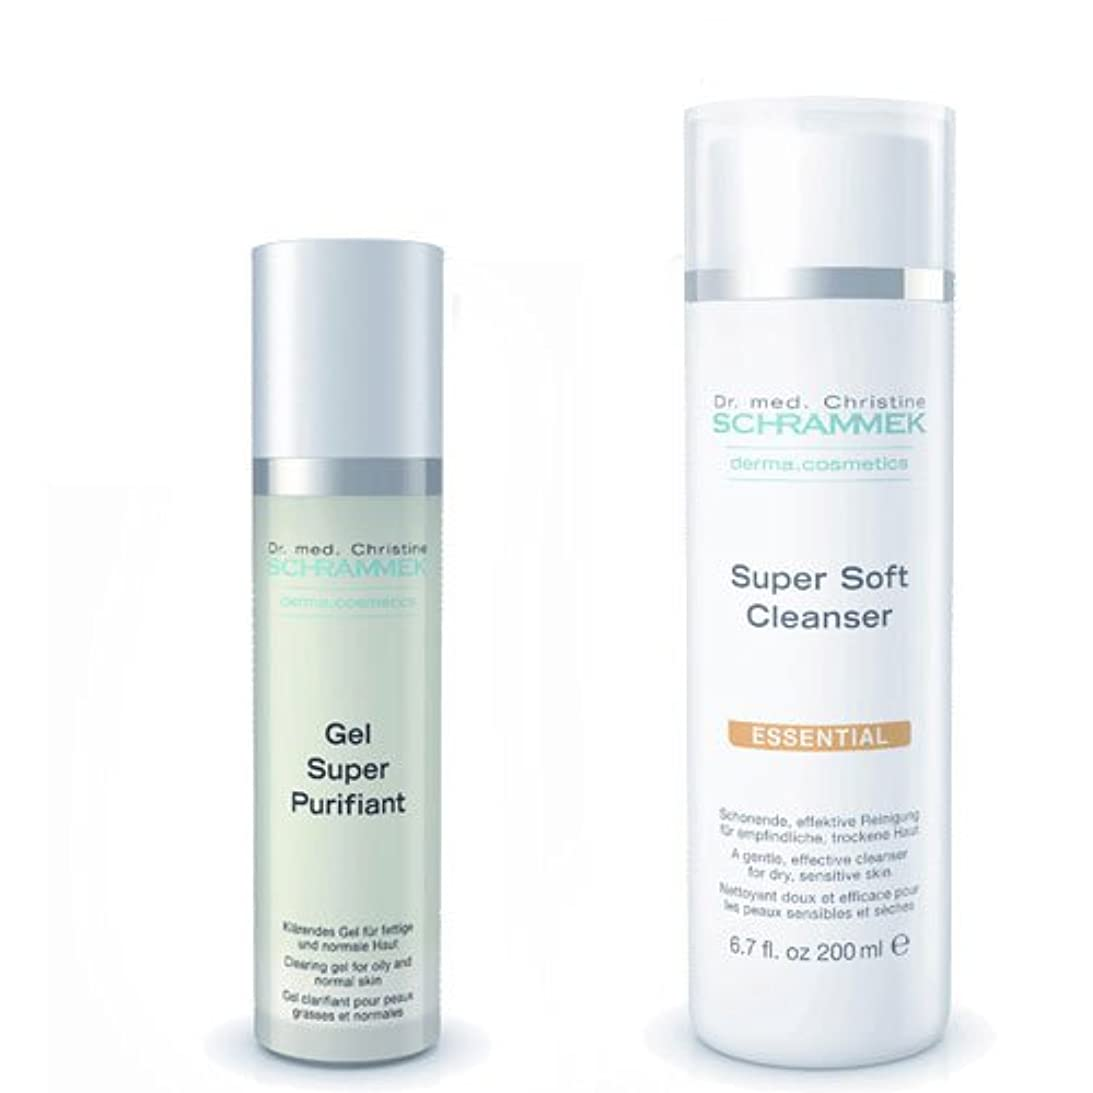 試用懐疑論望ましいシュラメック 「GREEN PEEL 洗顔2点セット(ノーマル肌?敏感肌?乾燥肌用)」 スーパーソフトクレンザー&ジェルスーパーピュリフィアント